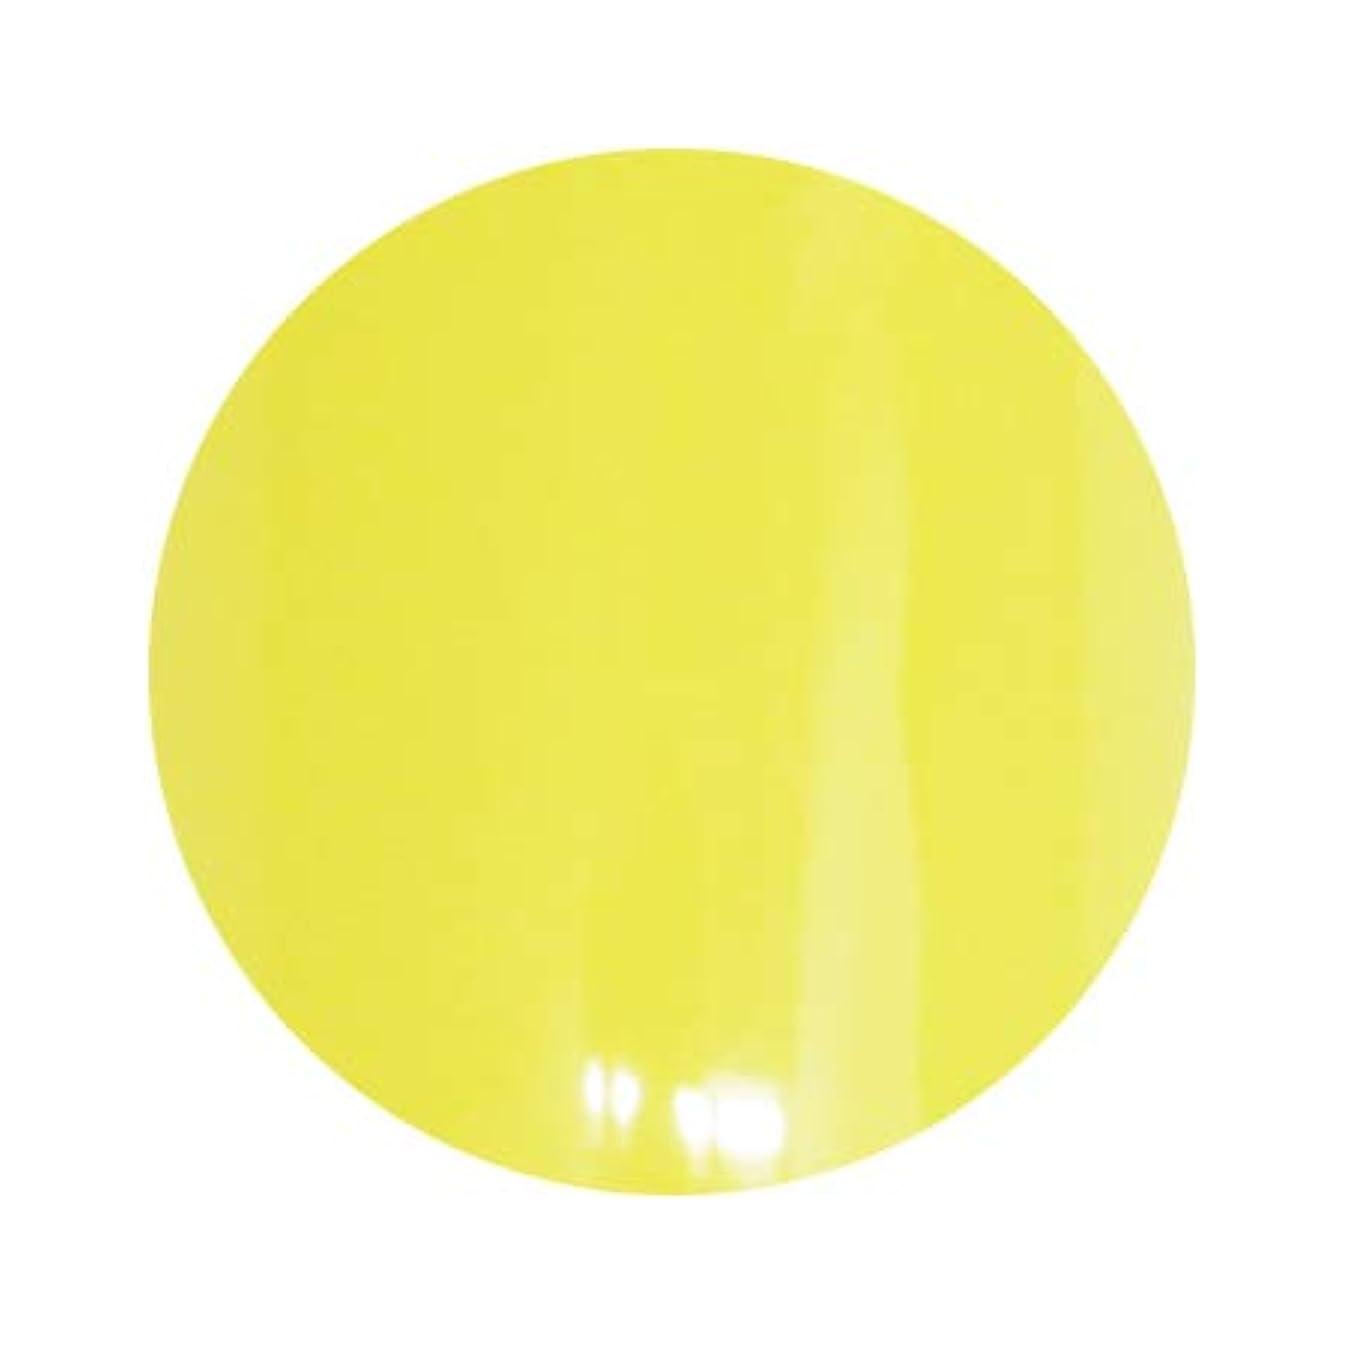 減らすゆりかごすり減るLUCU GEL ルクジェル カラー YET01 シトロン 3.5g